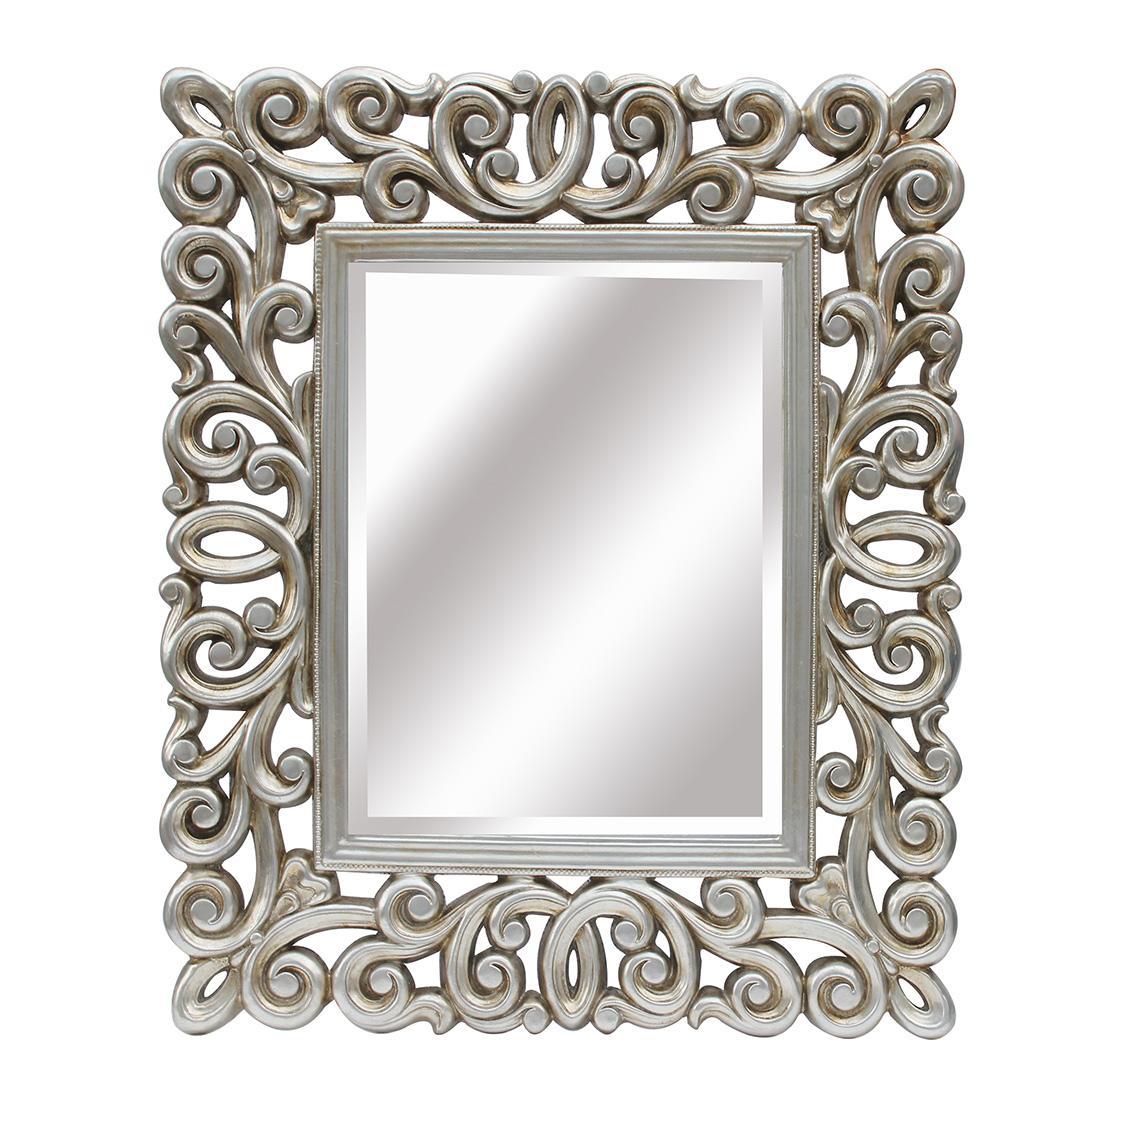 Espejo plata vieja alba dise o mobiliario - Espejos color plata ...